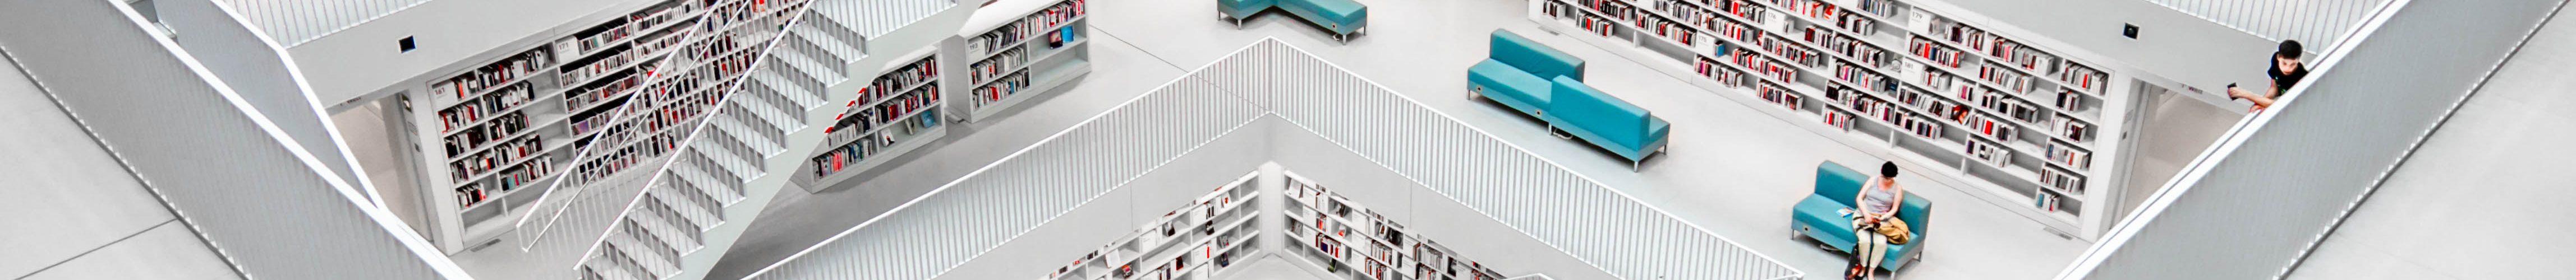 Zu sehen ist eine Bibliothek.